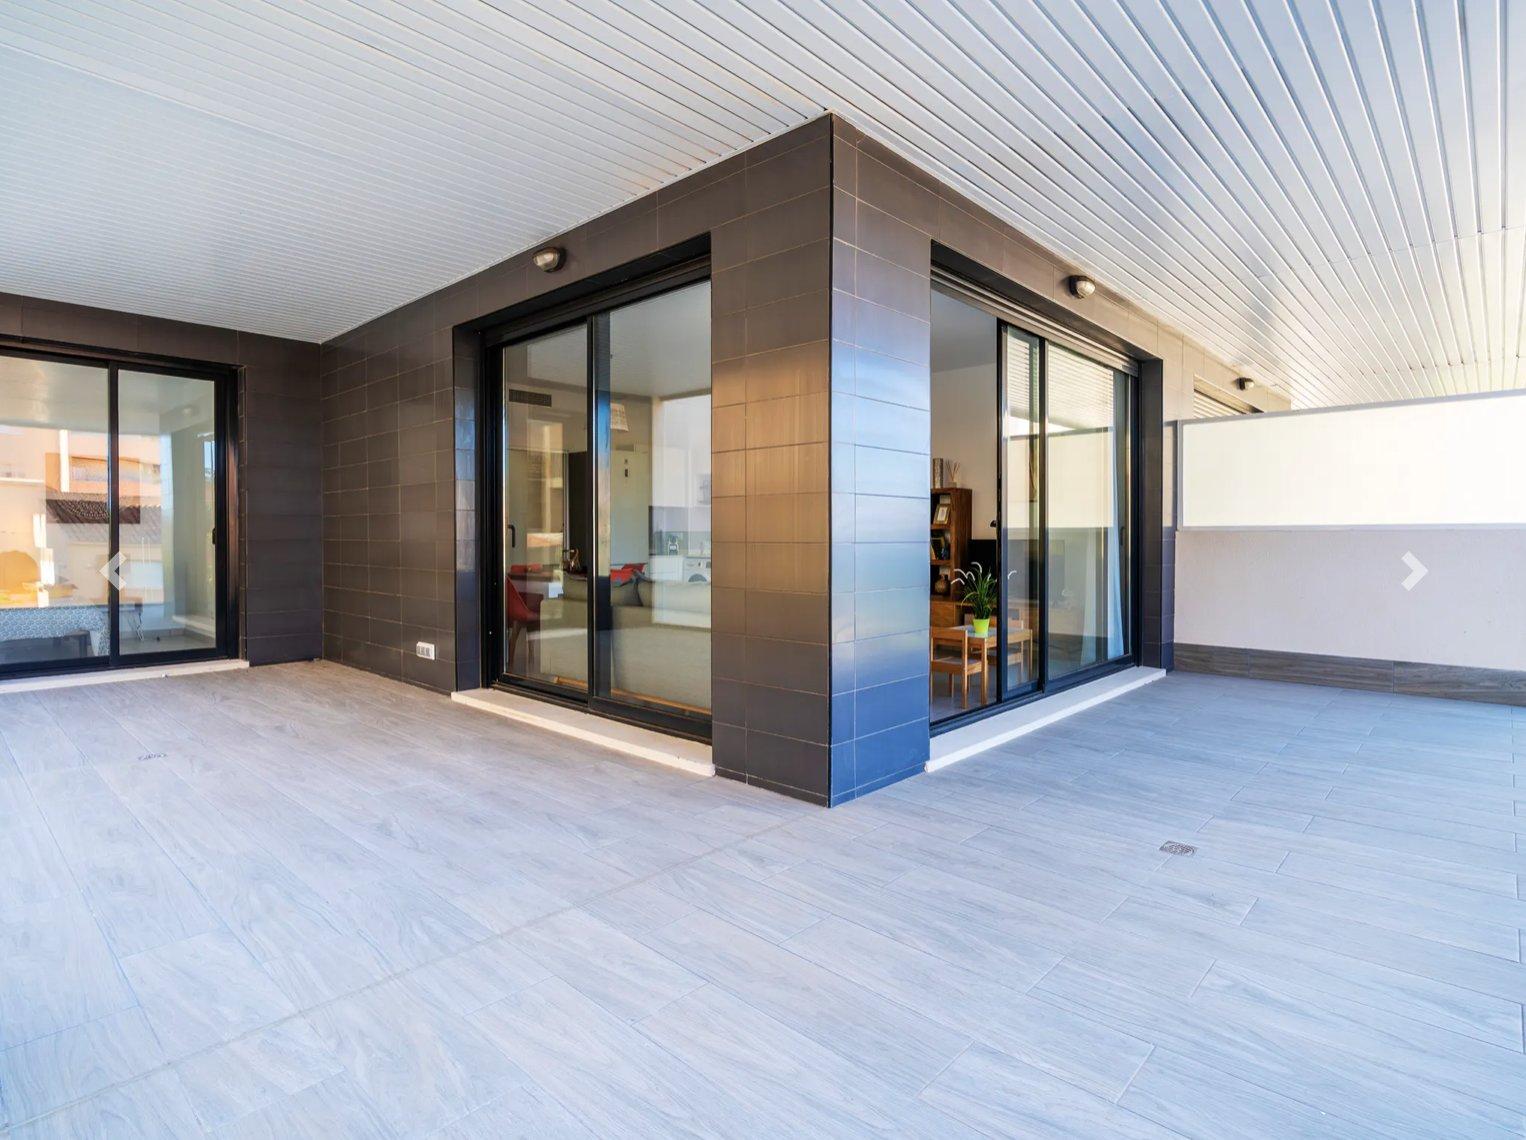 Apartamento de nueva construcción de 2 dormitorios en Calpe.